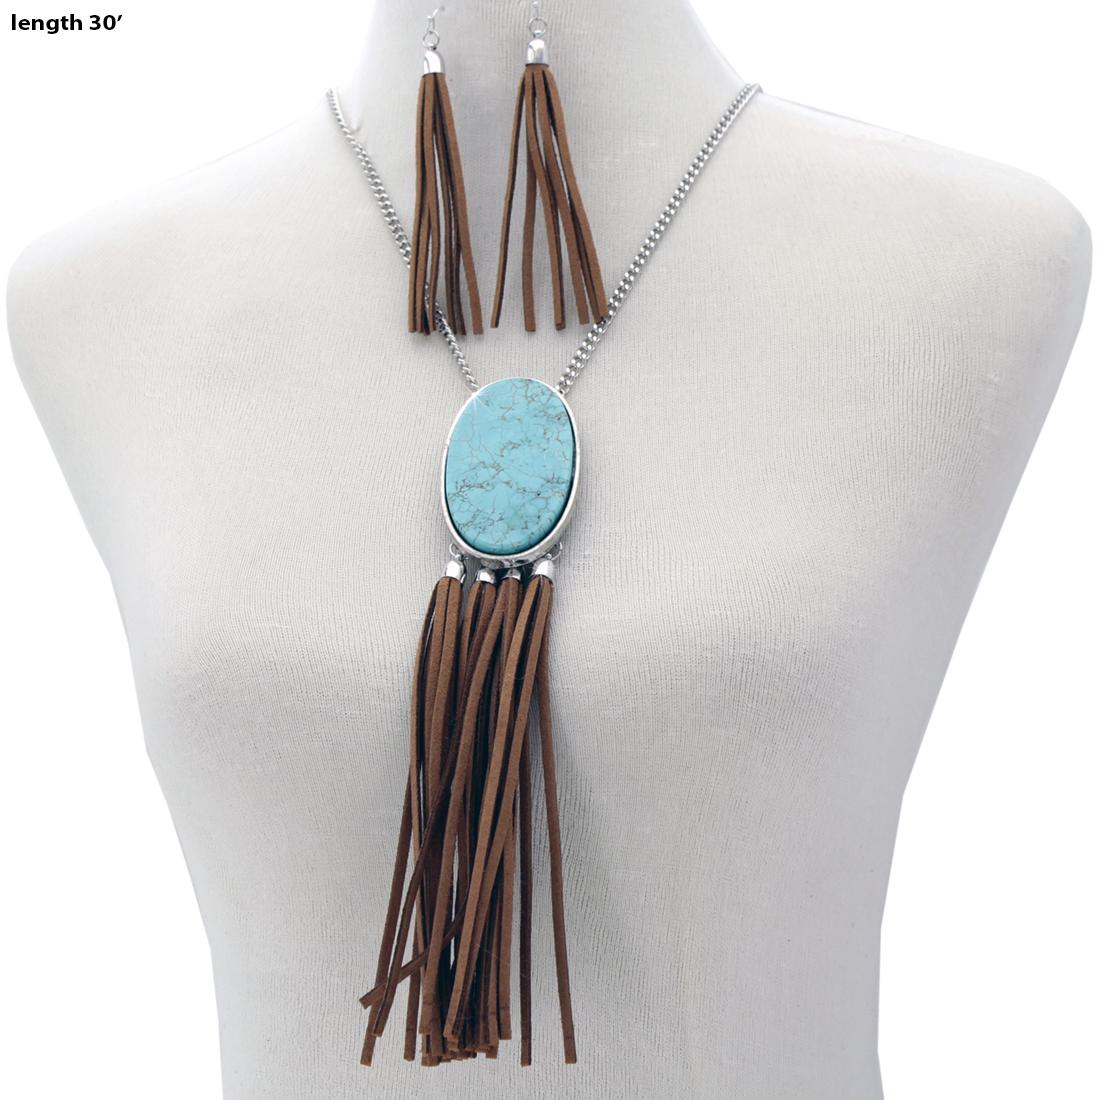 Turquoise Stone Necklace Set - 73741-2PC-Set WHOLESALE GENUINE TURQ STONE NECKLACE